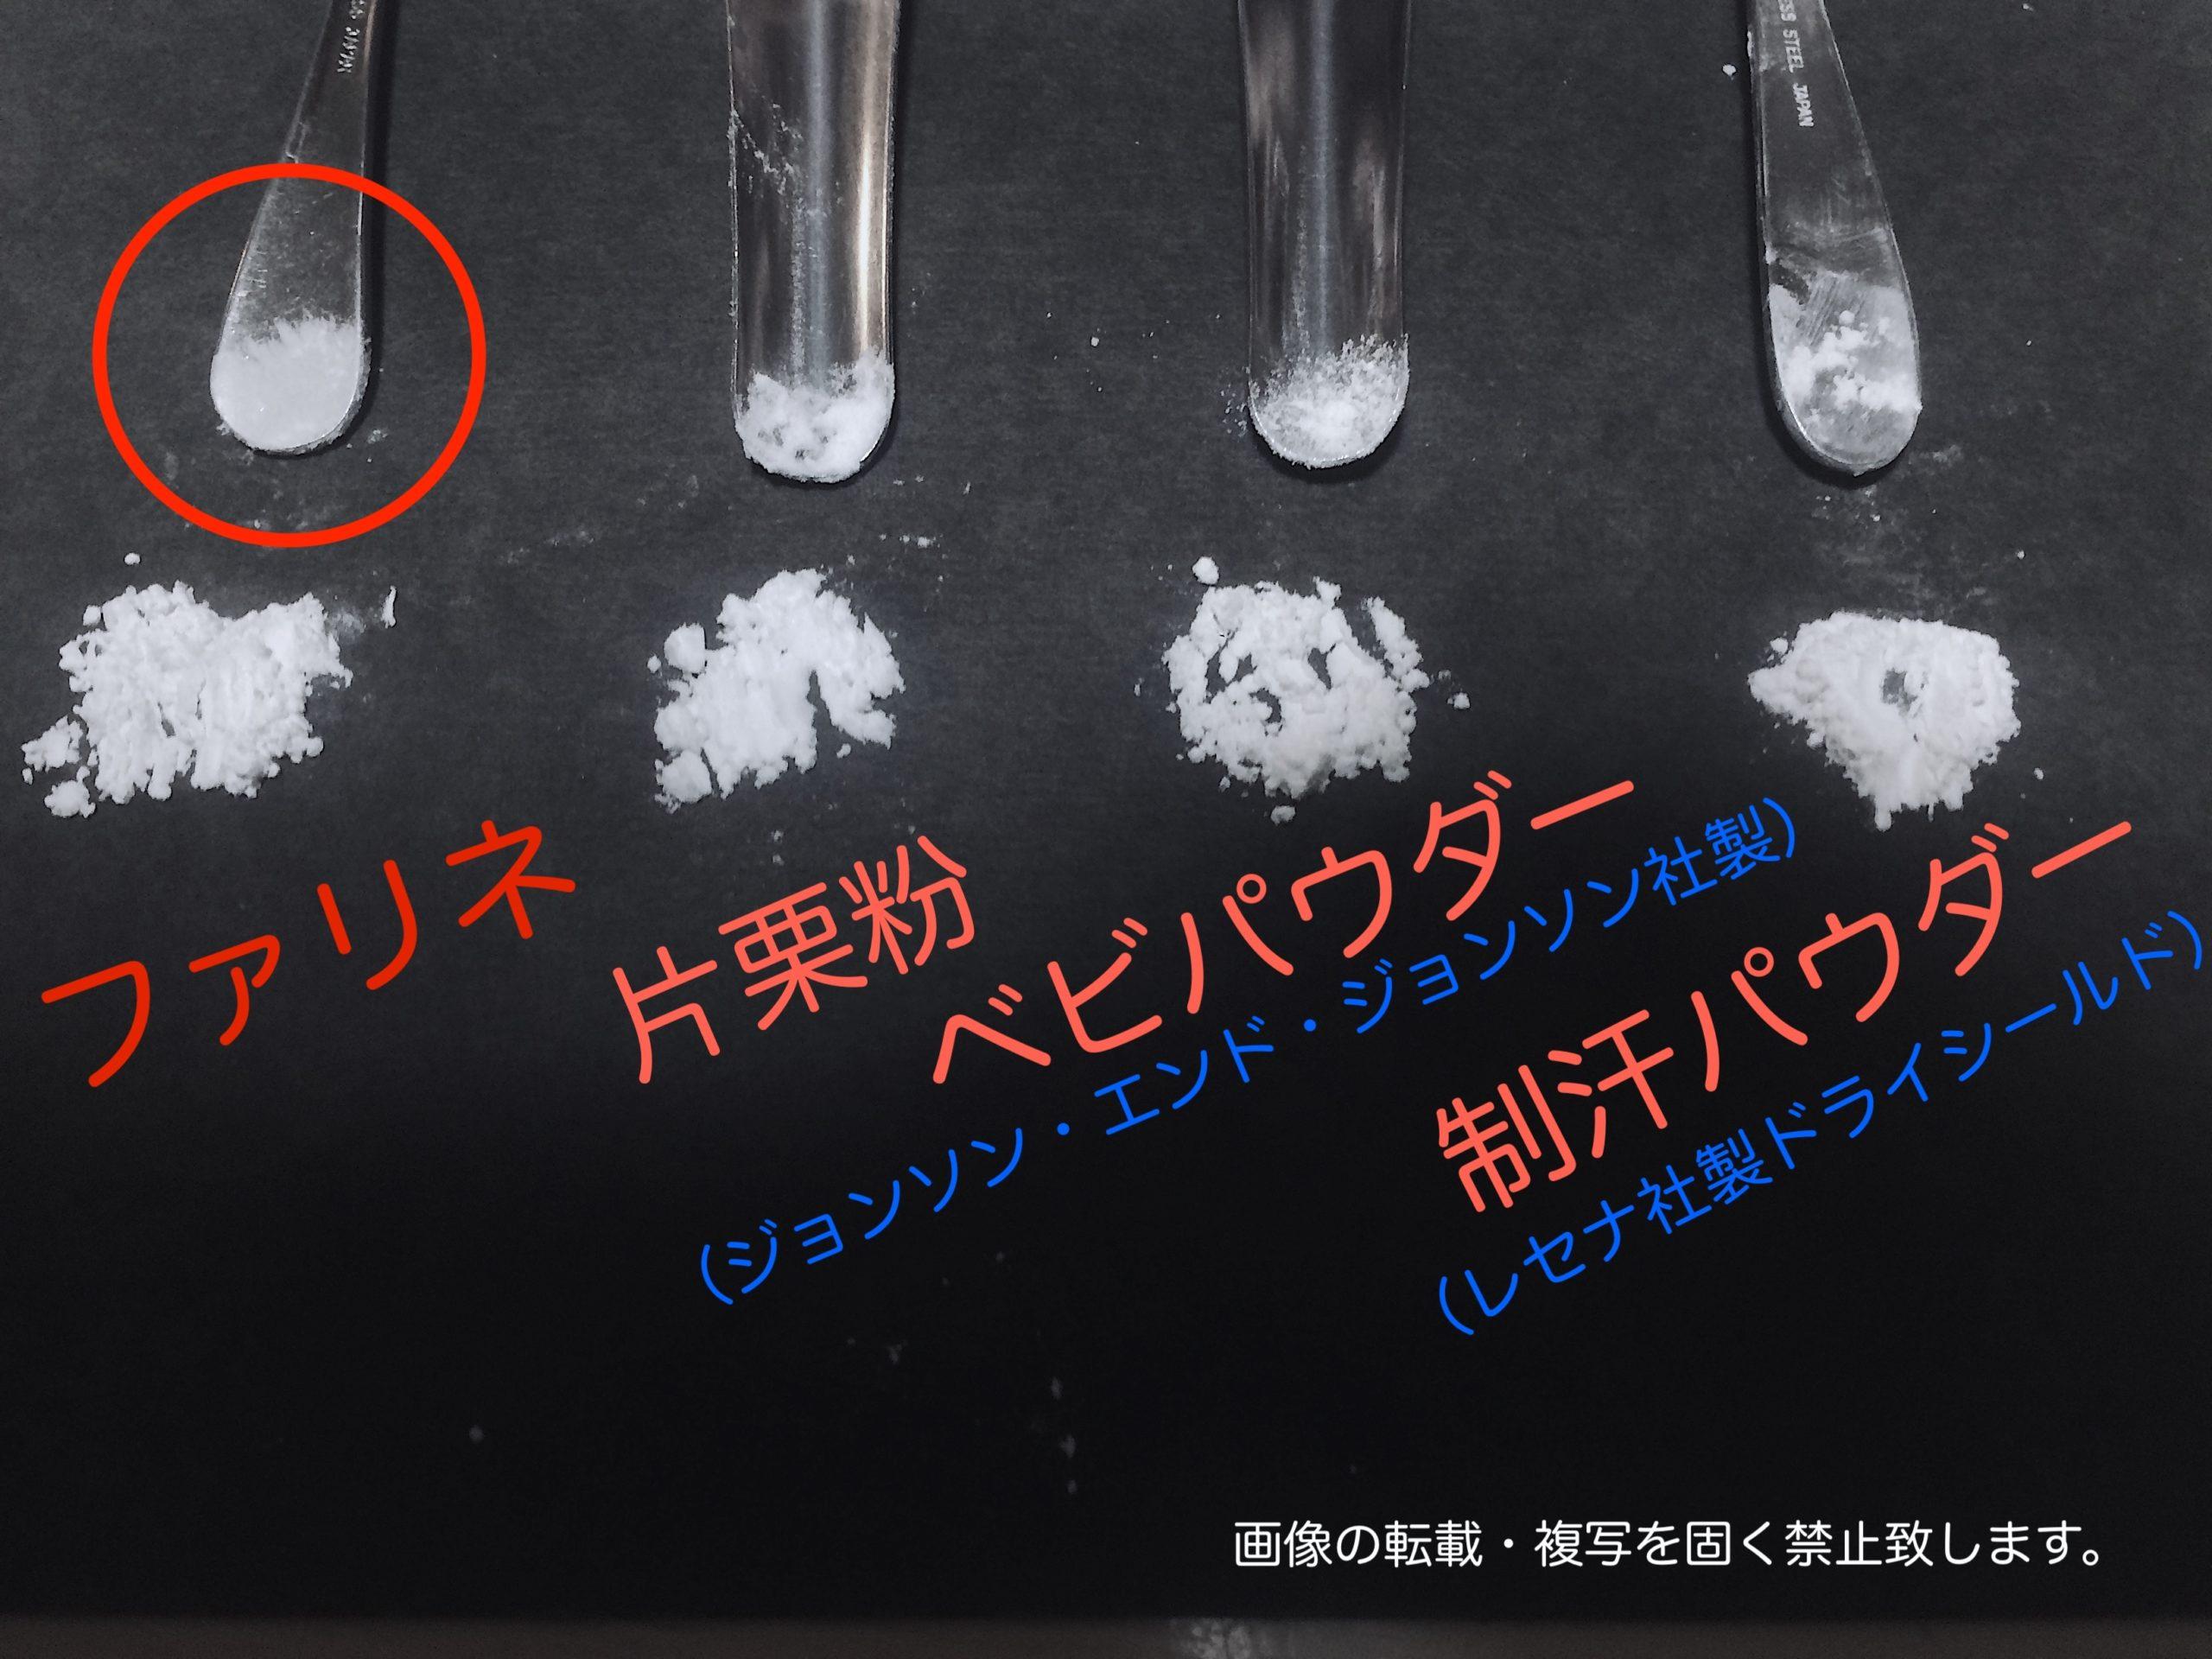 ファリネと他商品の比較